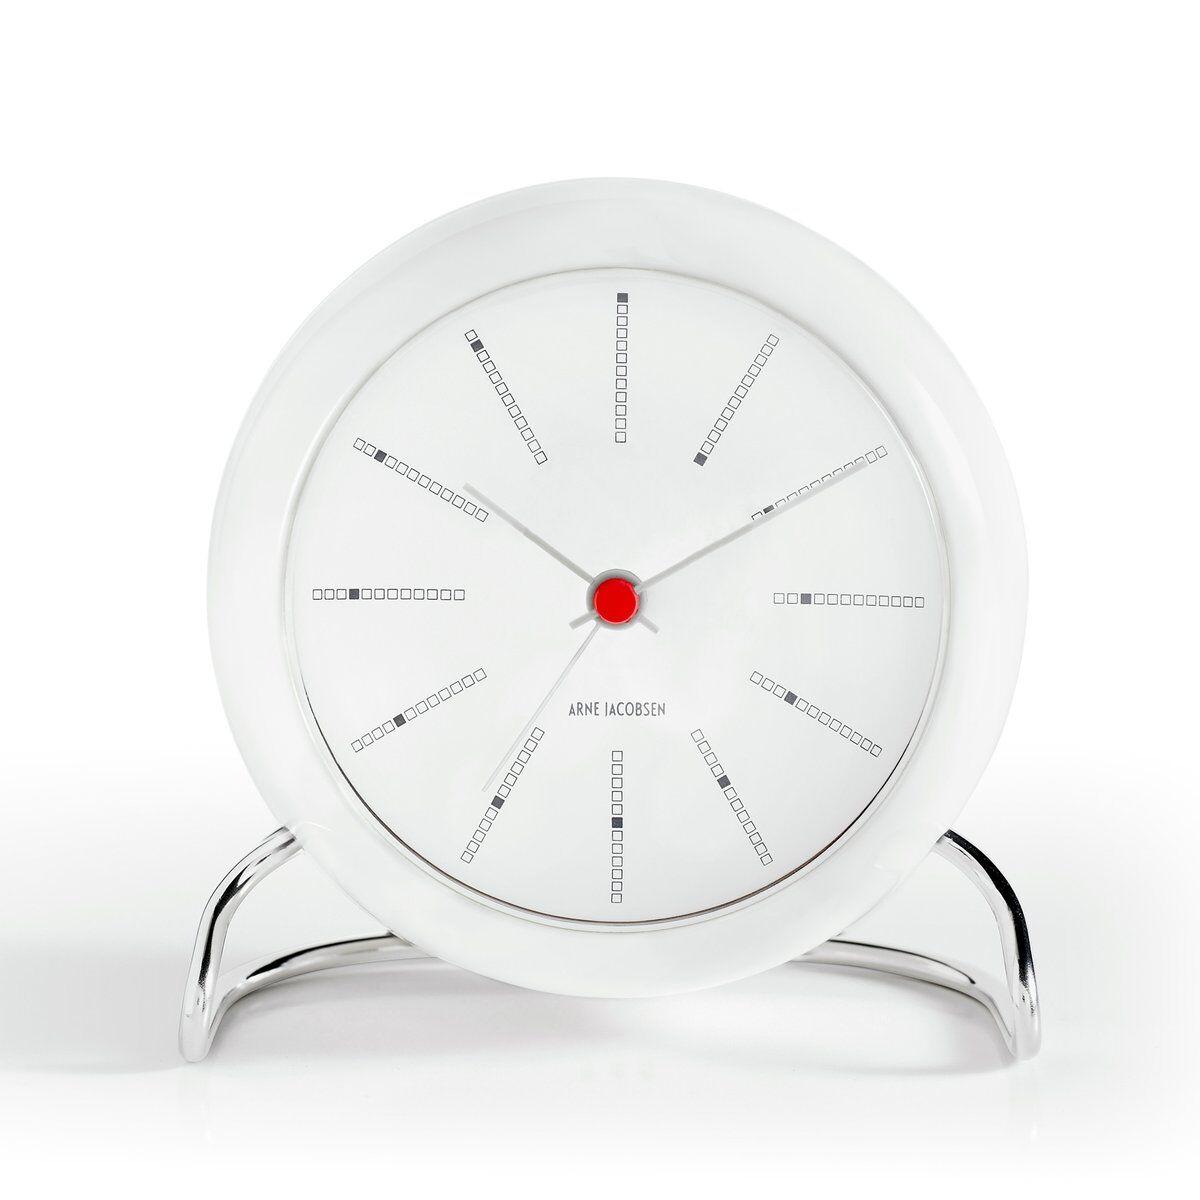 Arne Jacobsen Clocks AJ Bankers bordklokke hvit